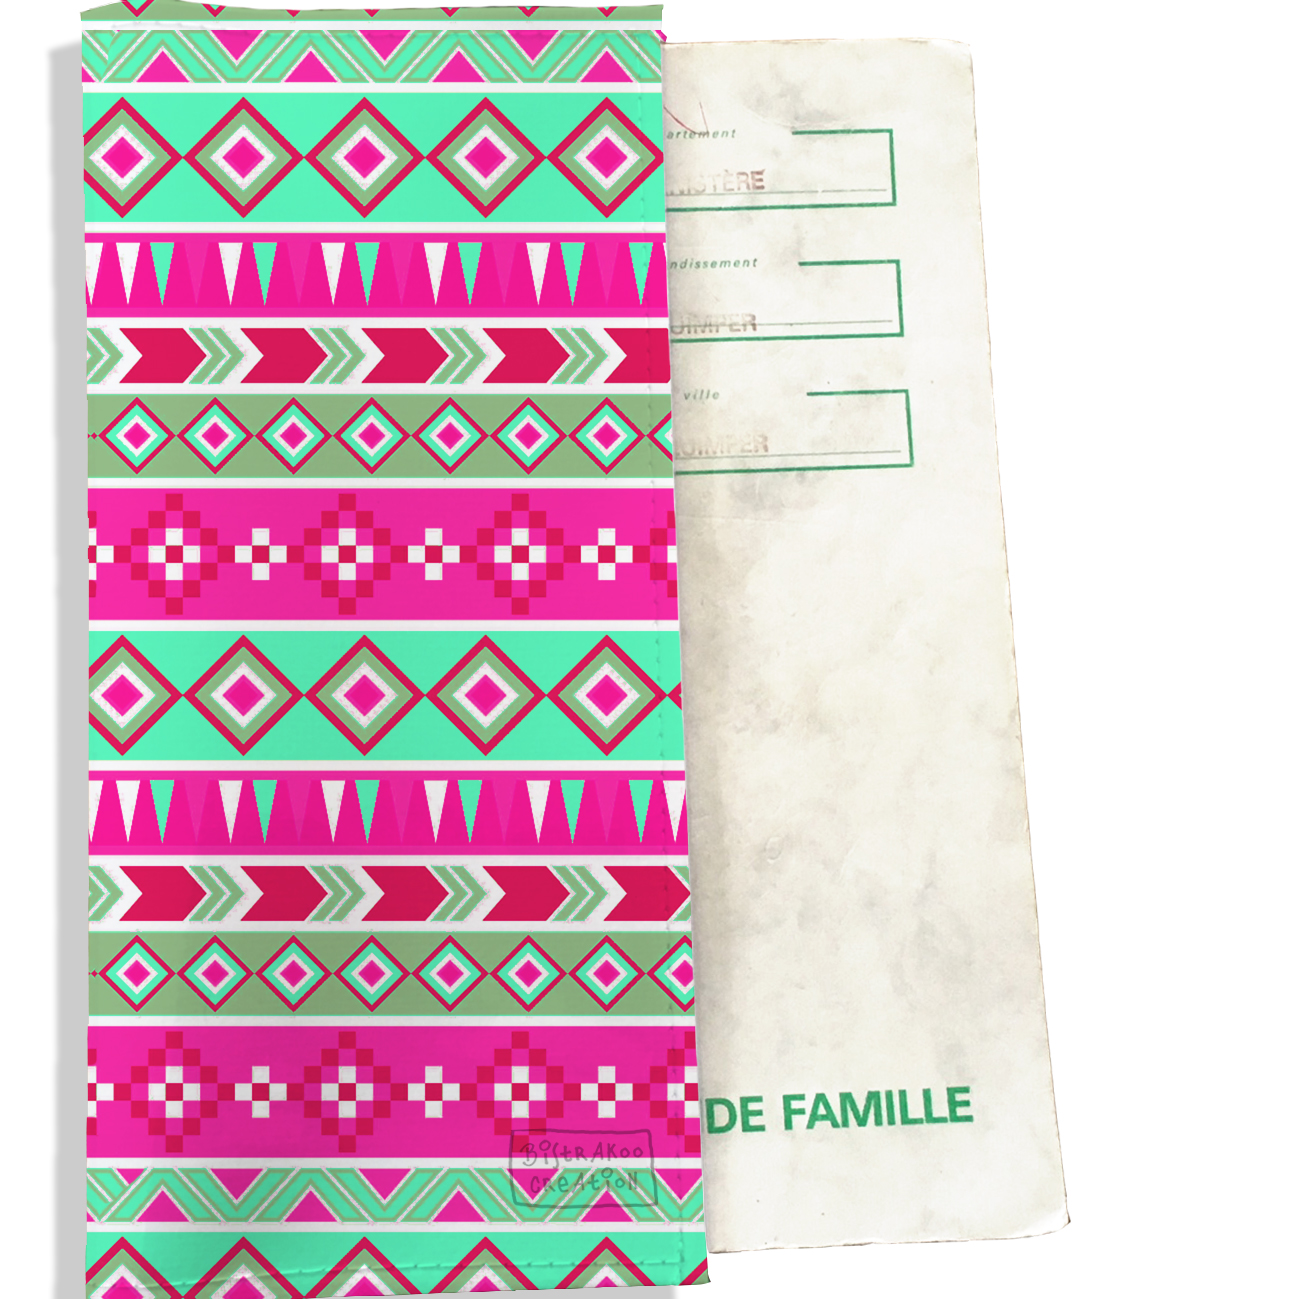 Protège livret de famille motif Aztec multicolore 2317